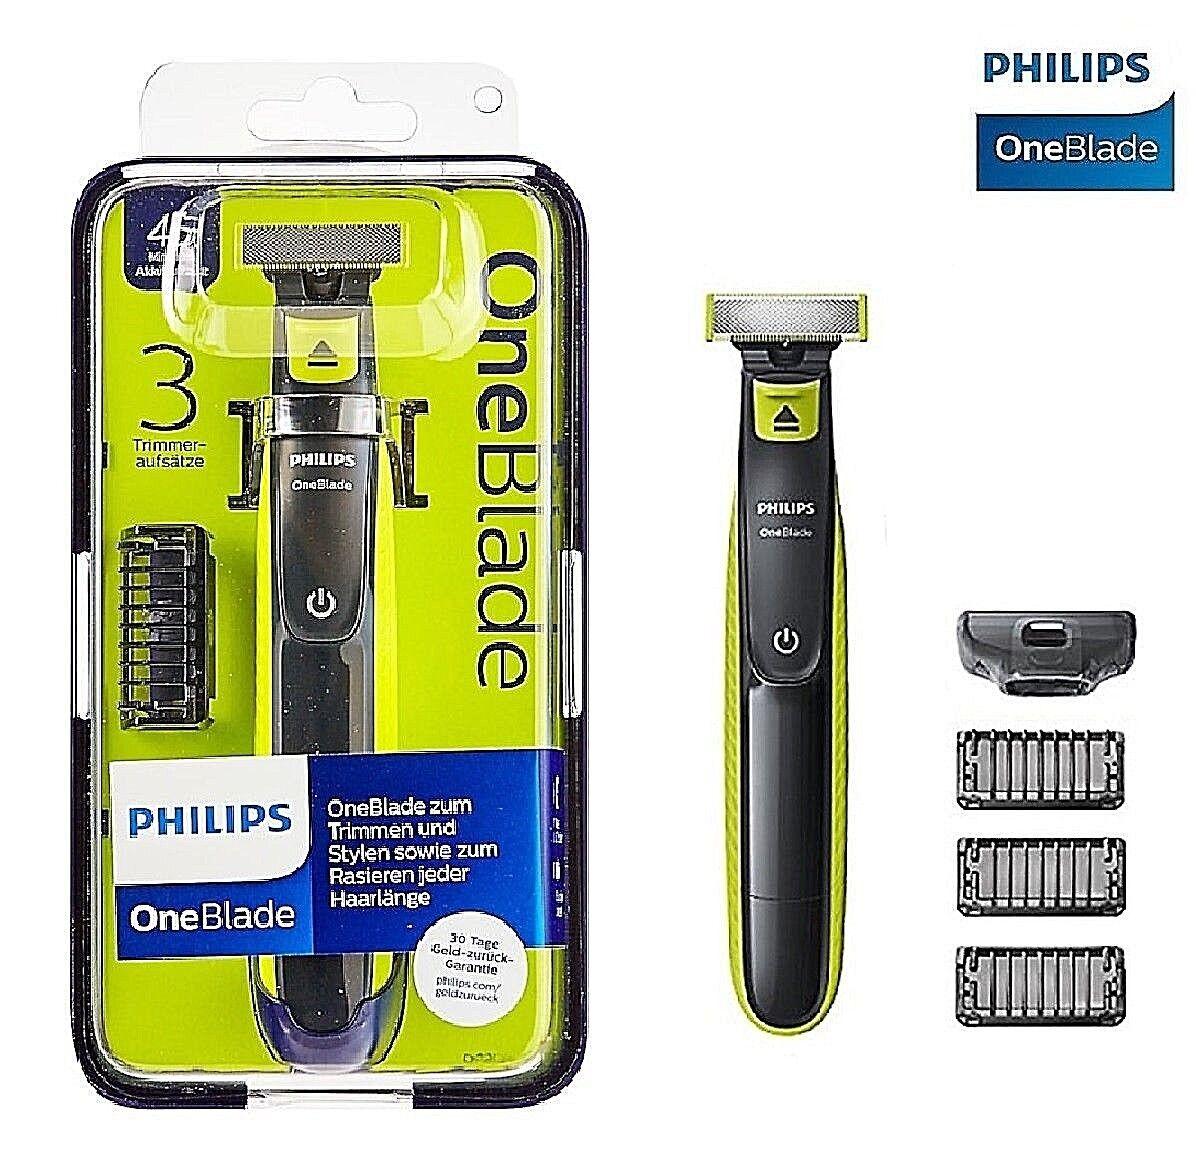 Philips One Blade QP2520/20 Rasierer Bartschneider abwaschbar 3 Aufsätze Neu Ovp